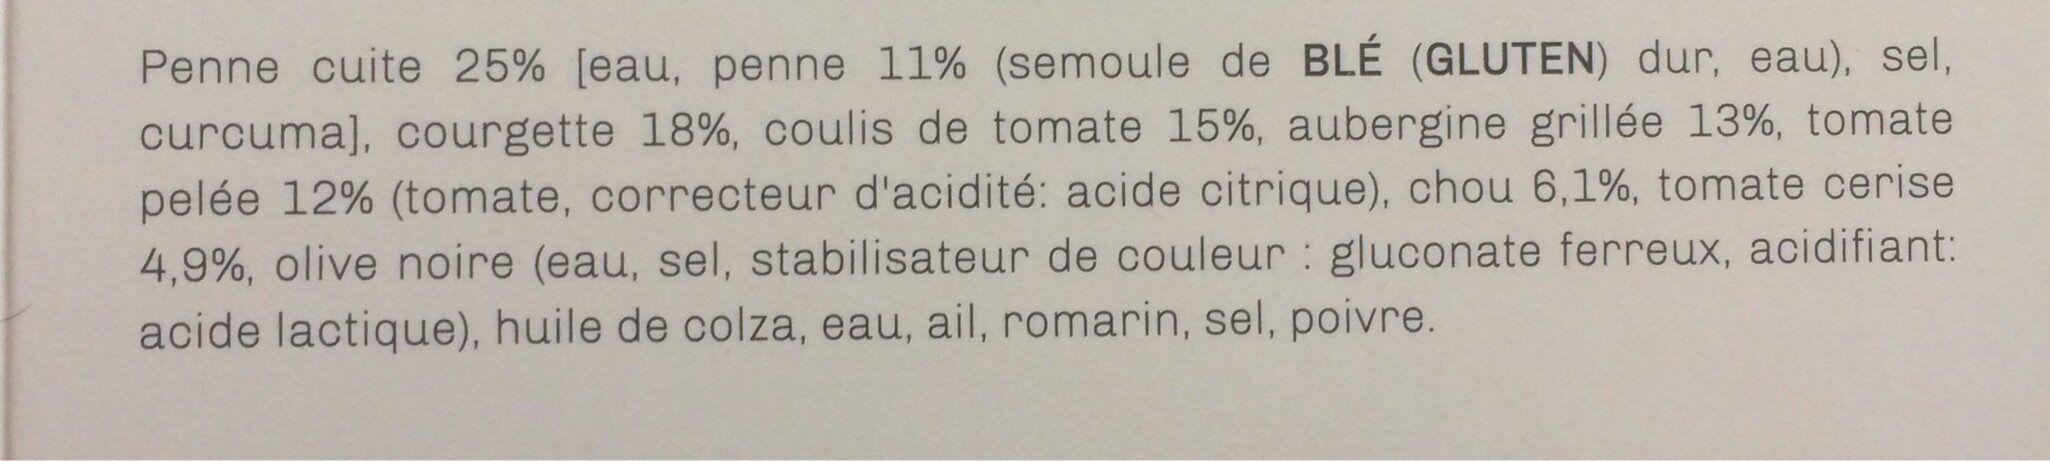 Penonni aux legumes de Provence et son coulis de tomates - Ingrédients - fr